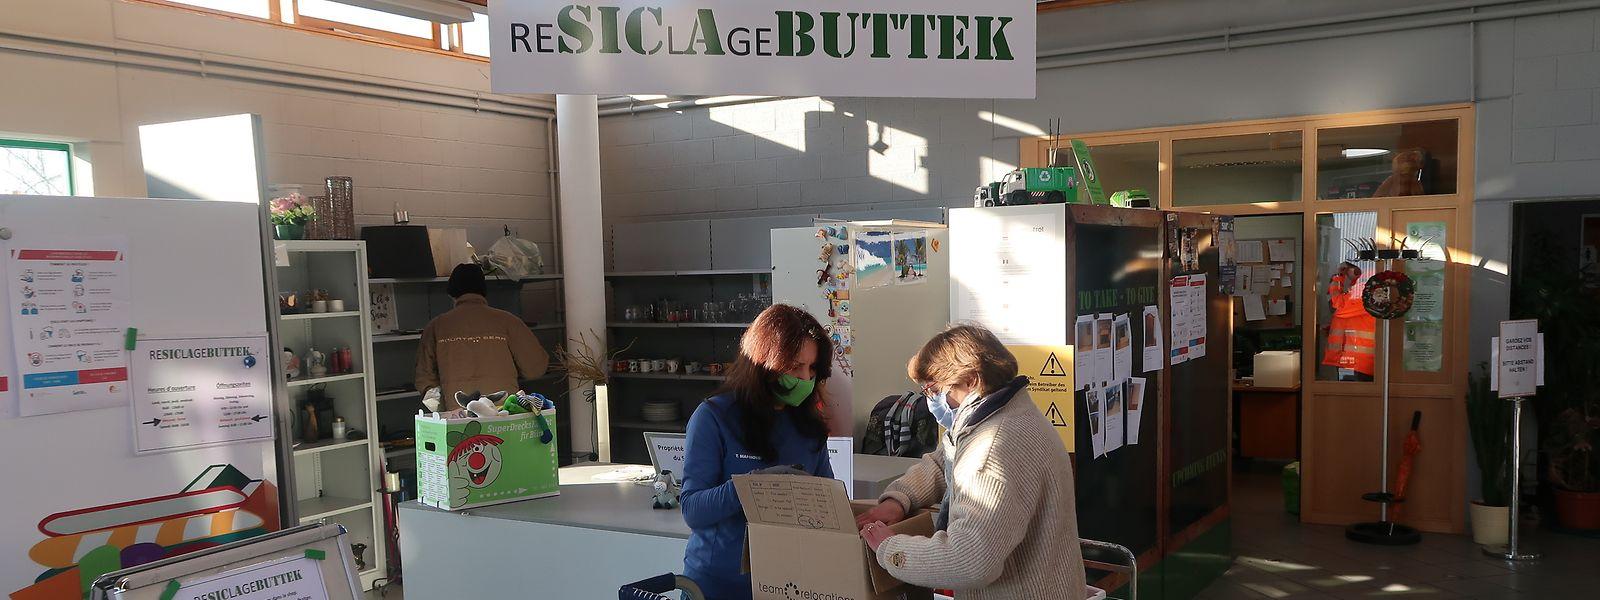 Über 46 Tonnen Gegenstände wechselten 2020 im Resiclagebuttek des SICA in Kehlen den Besitzer.